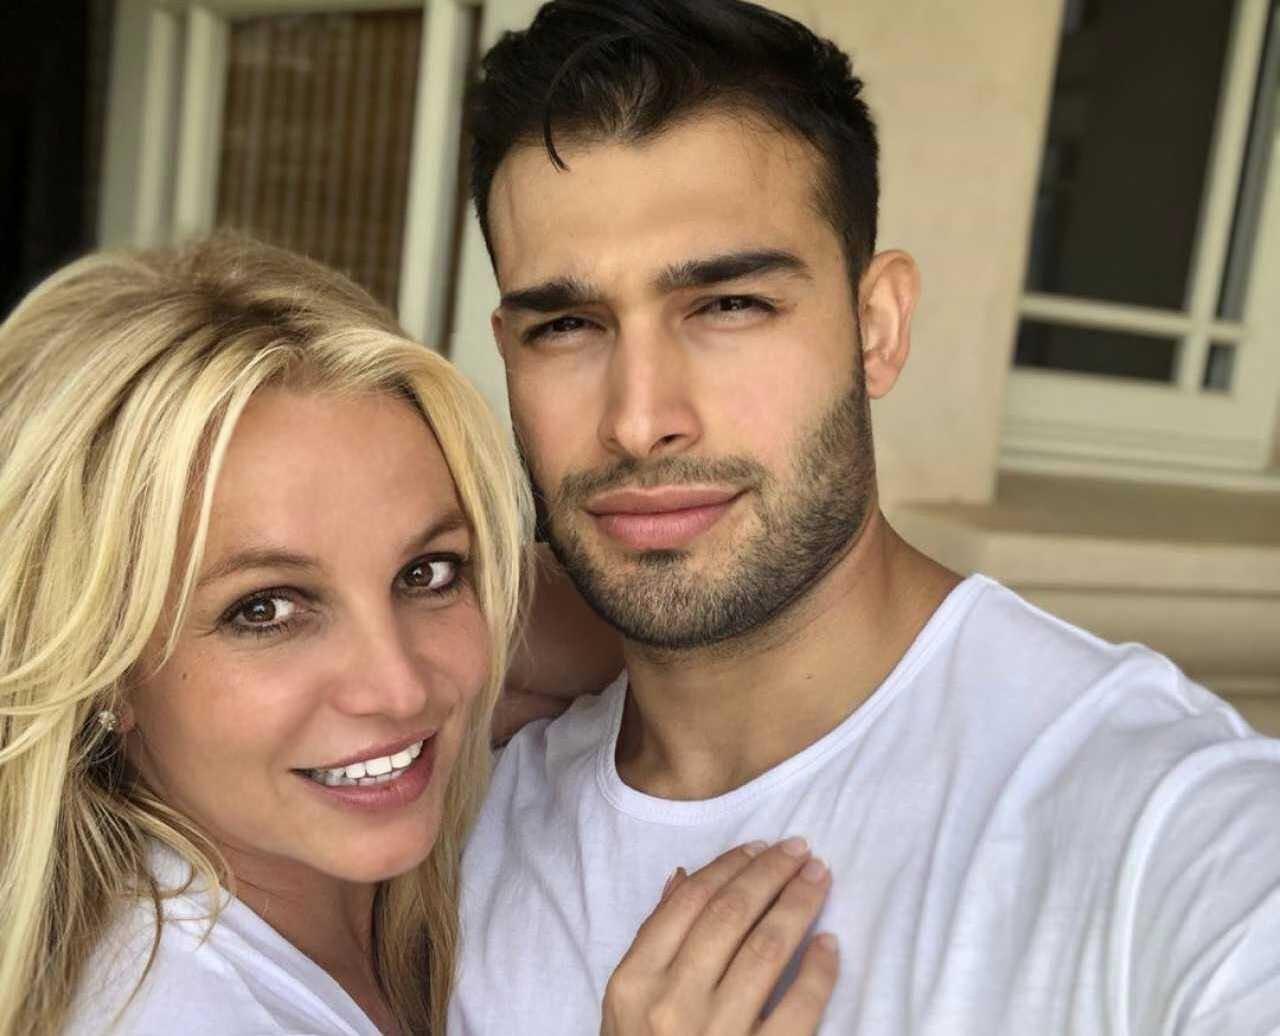 Как Сэм Асгари прокомментировал слухи о его помолвке с Бритни Спирс